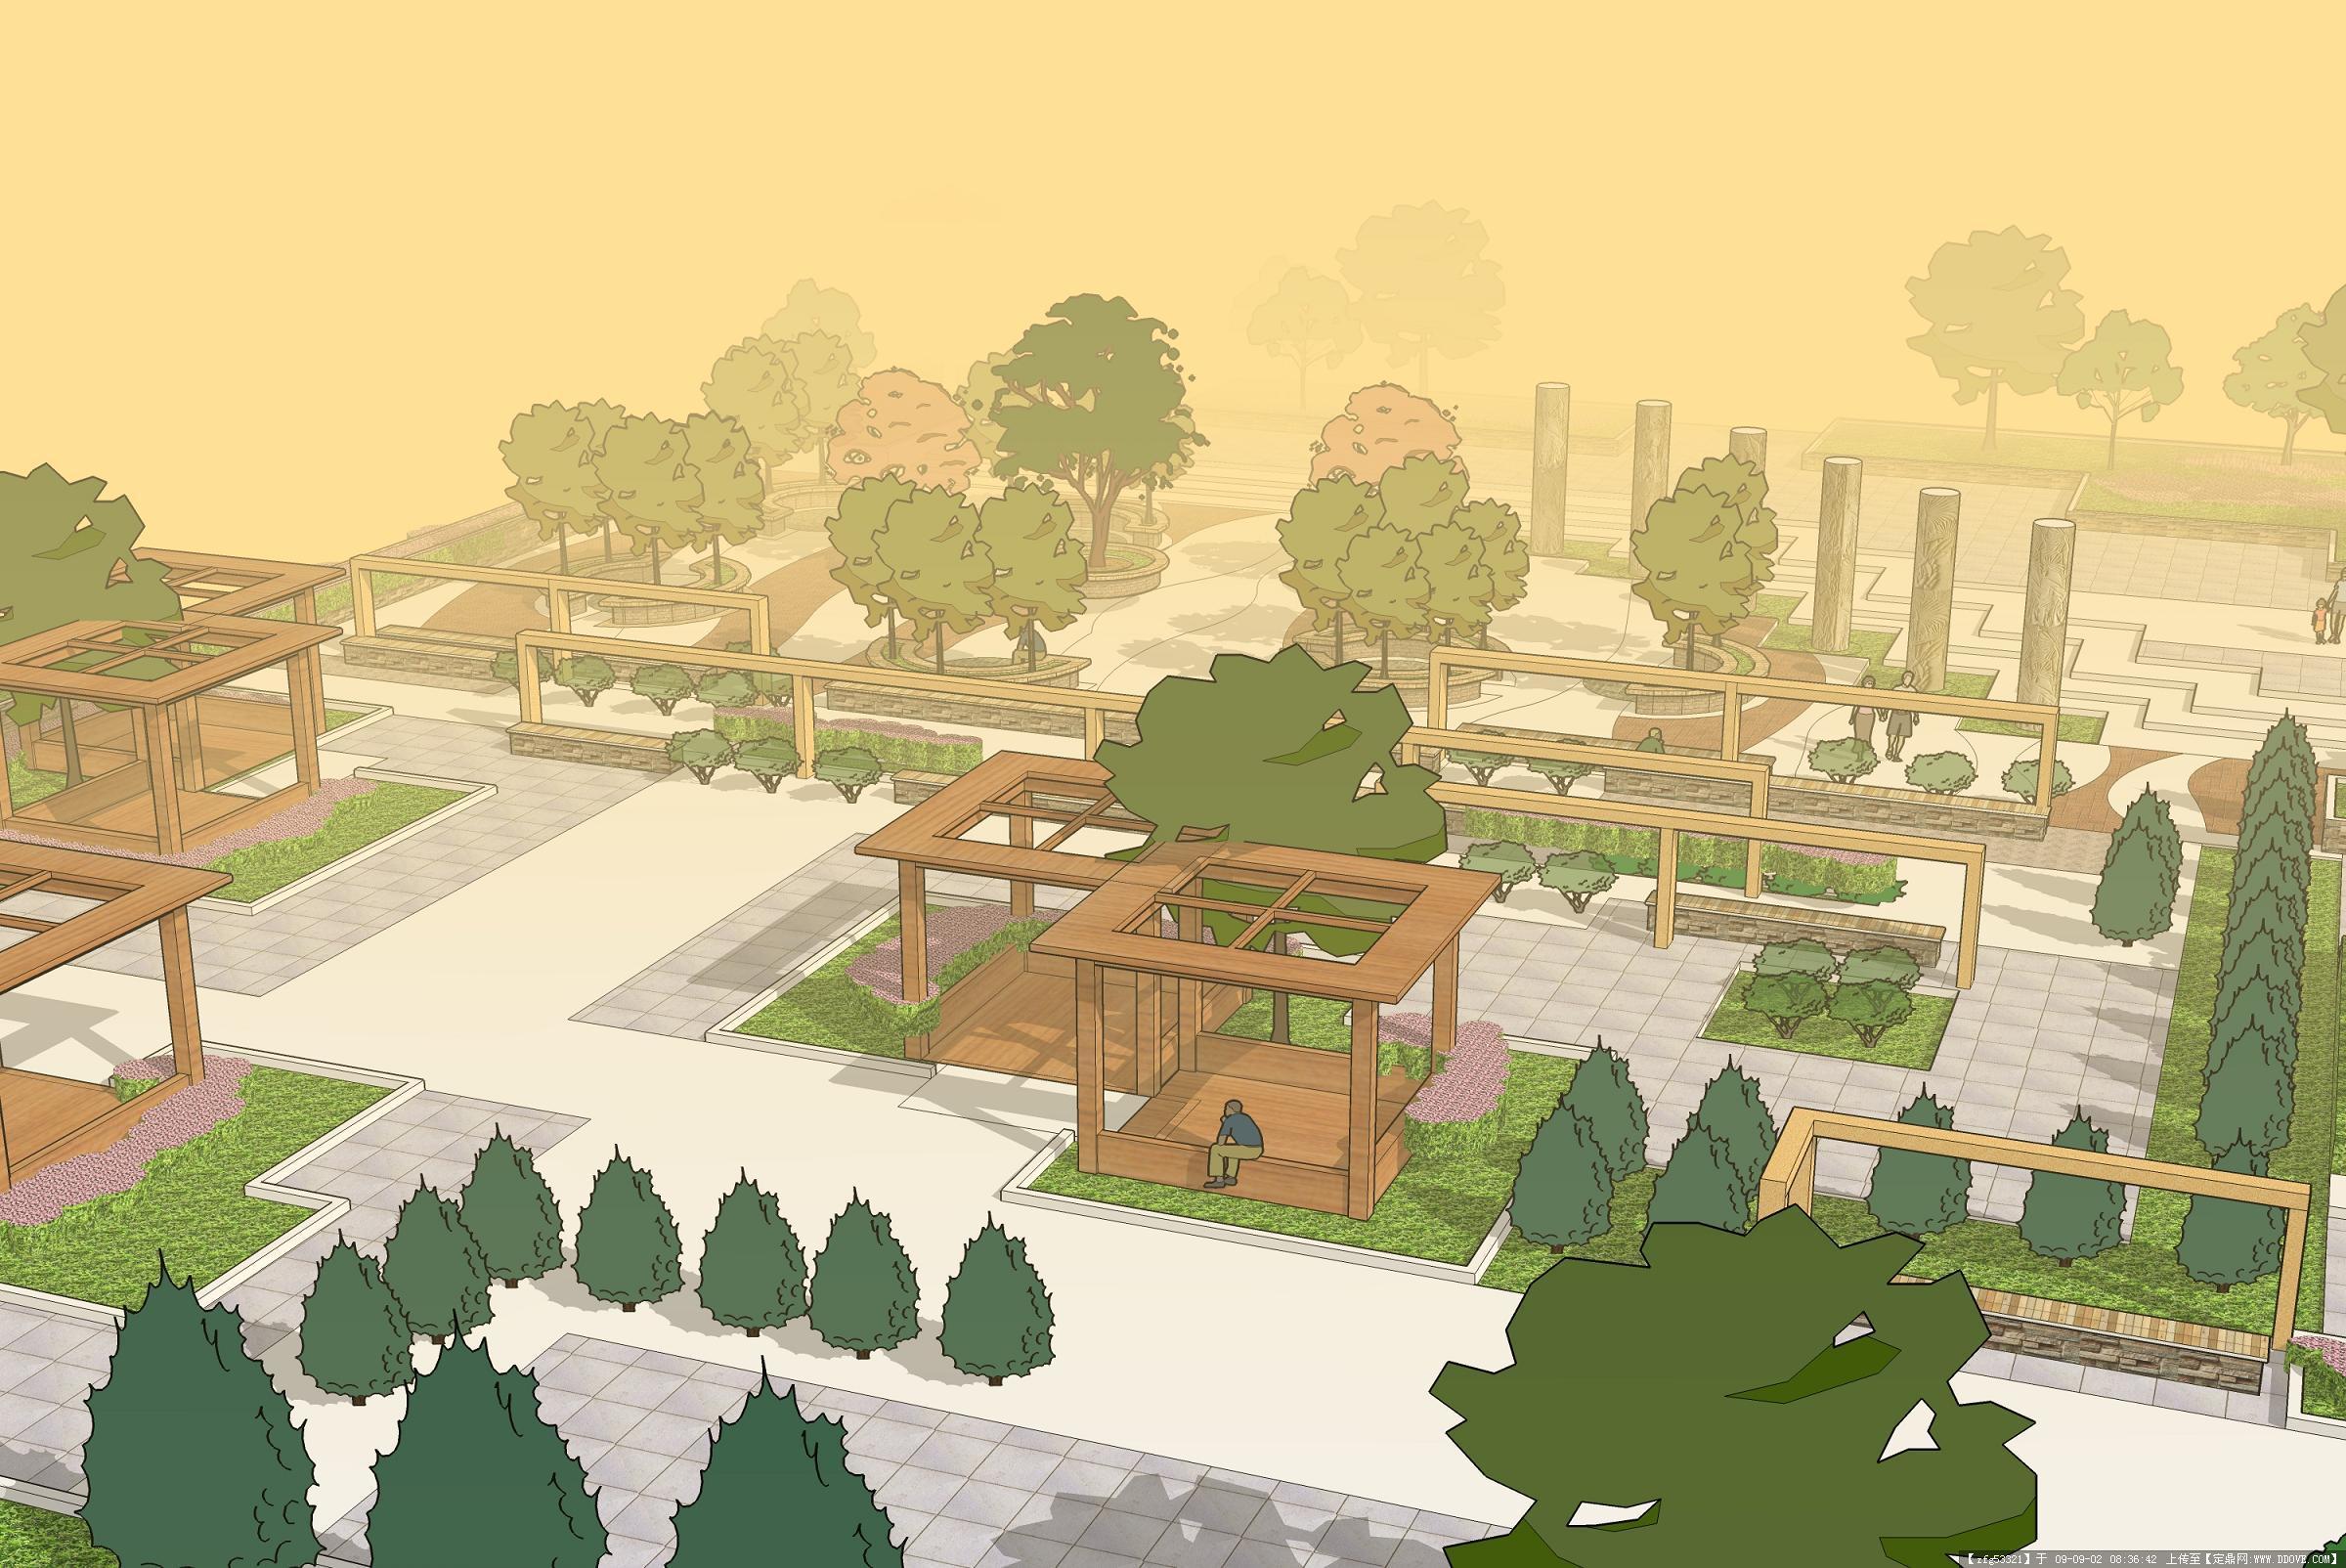 景观设计方案手绘效果图的图片浏览,园林项目案例,,.